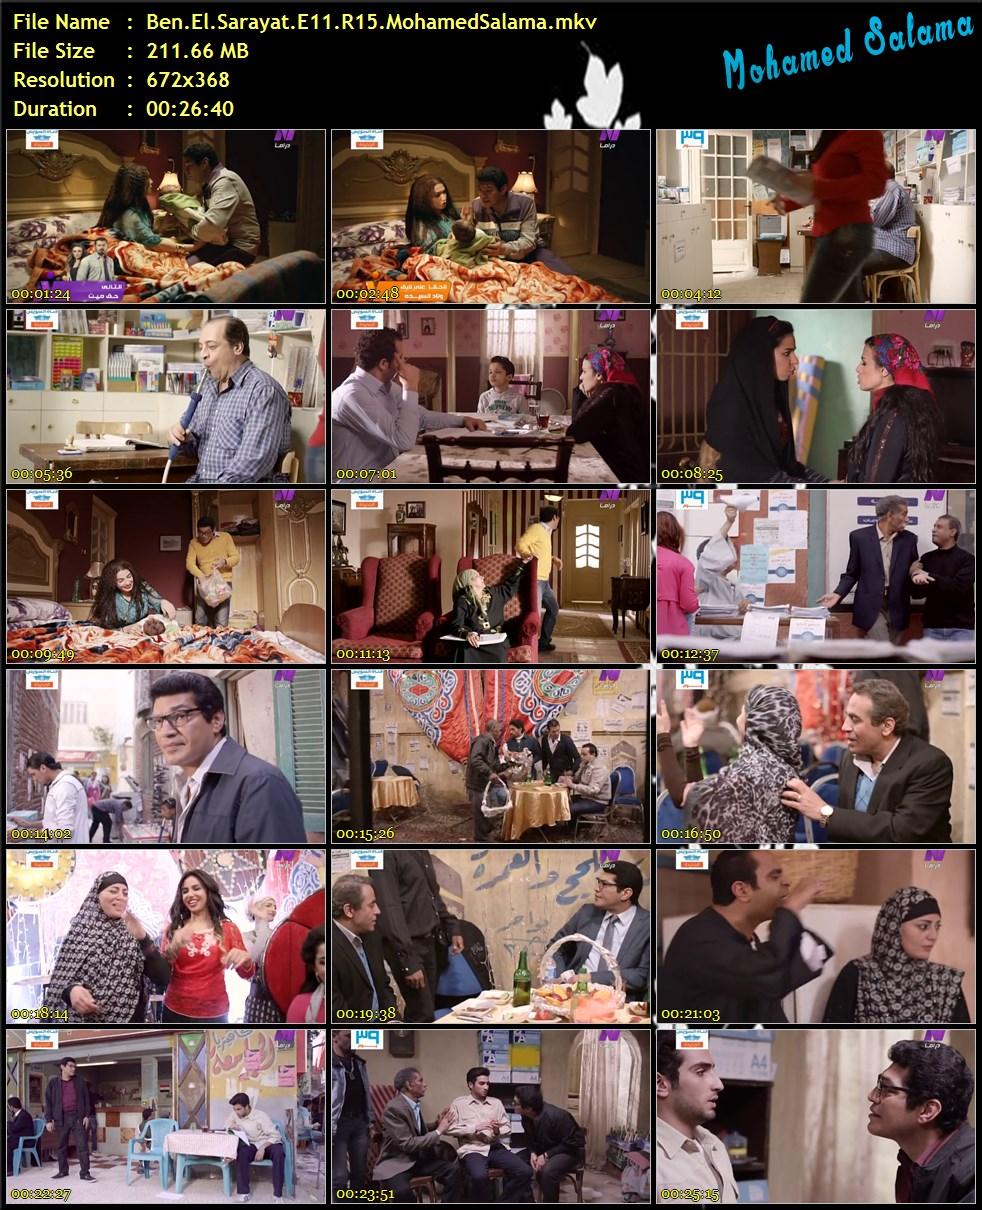 صور من مسلسل بين السرايات الحلقه 11 558f6fa5acc02